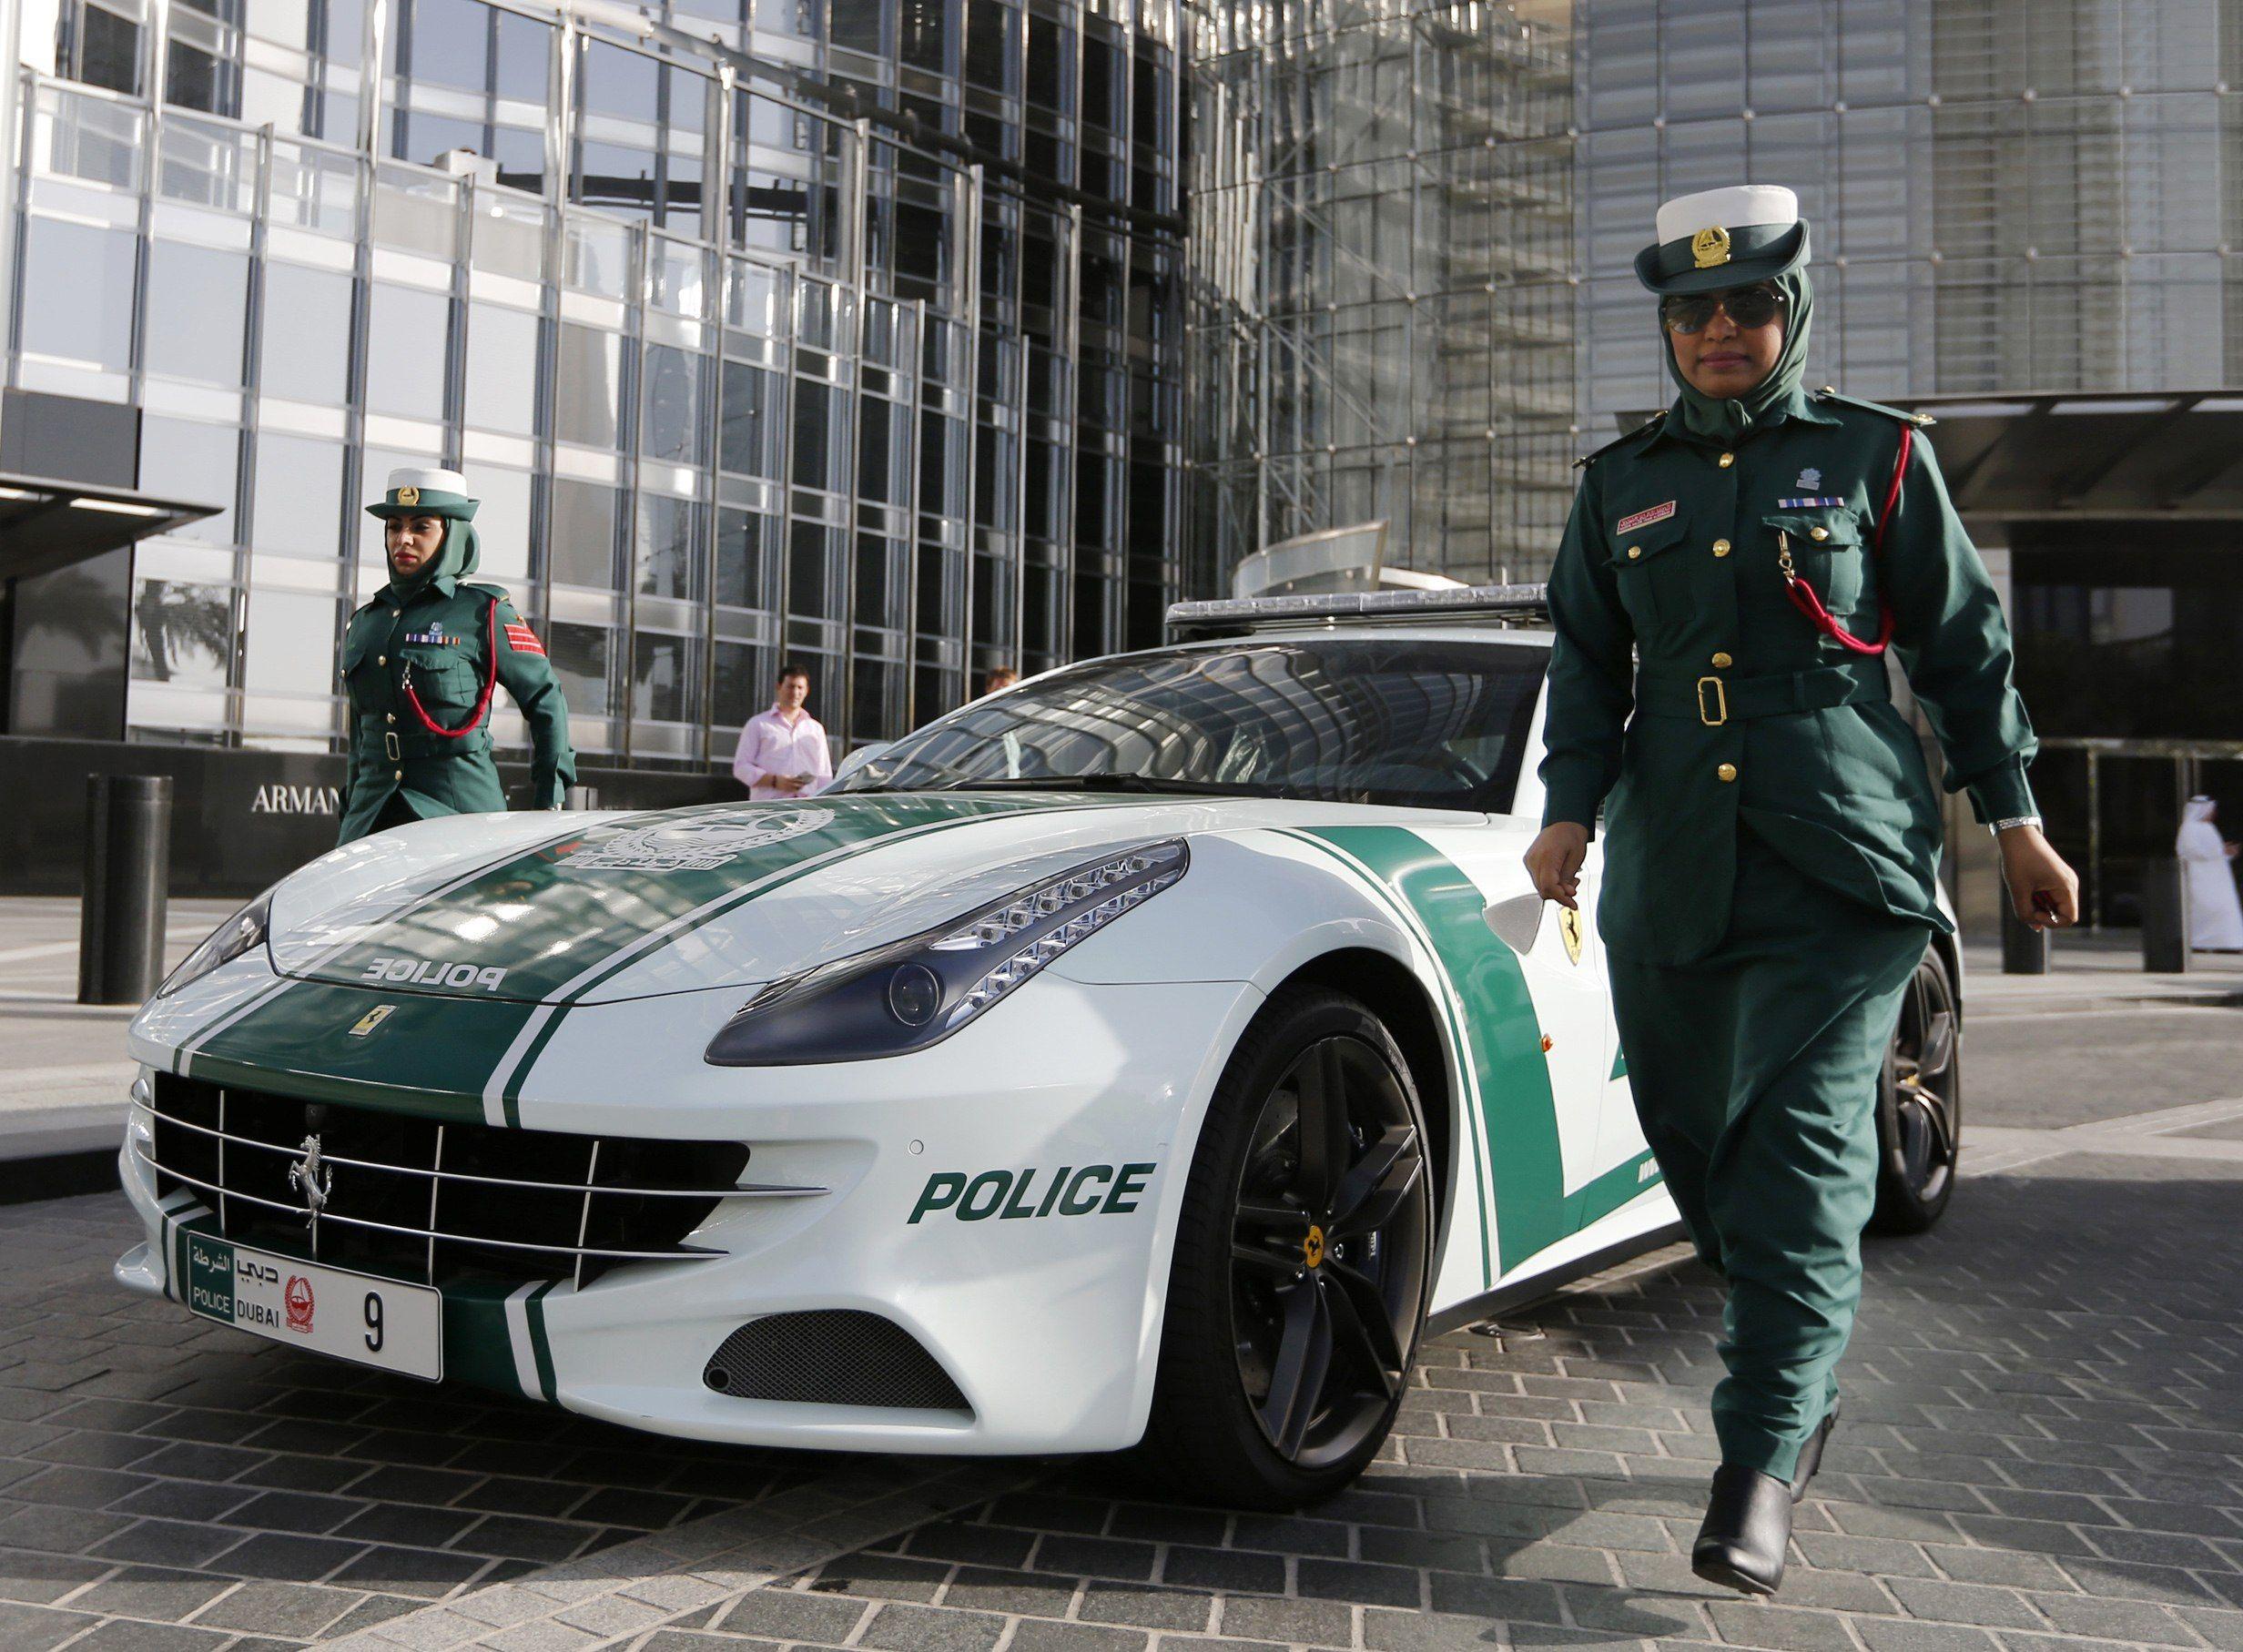 dubai police cars Cars Pinterest